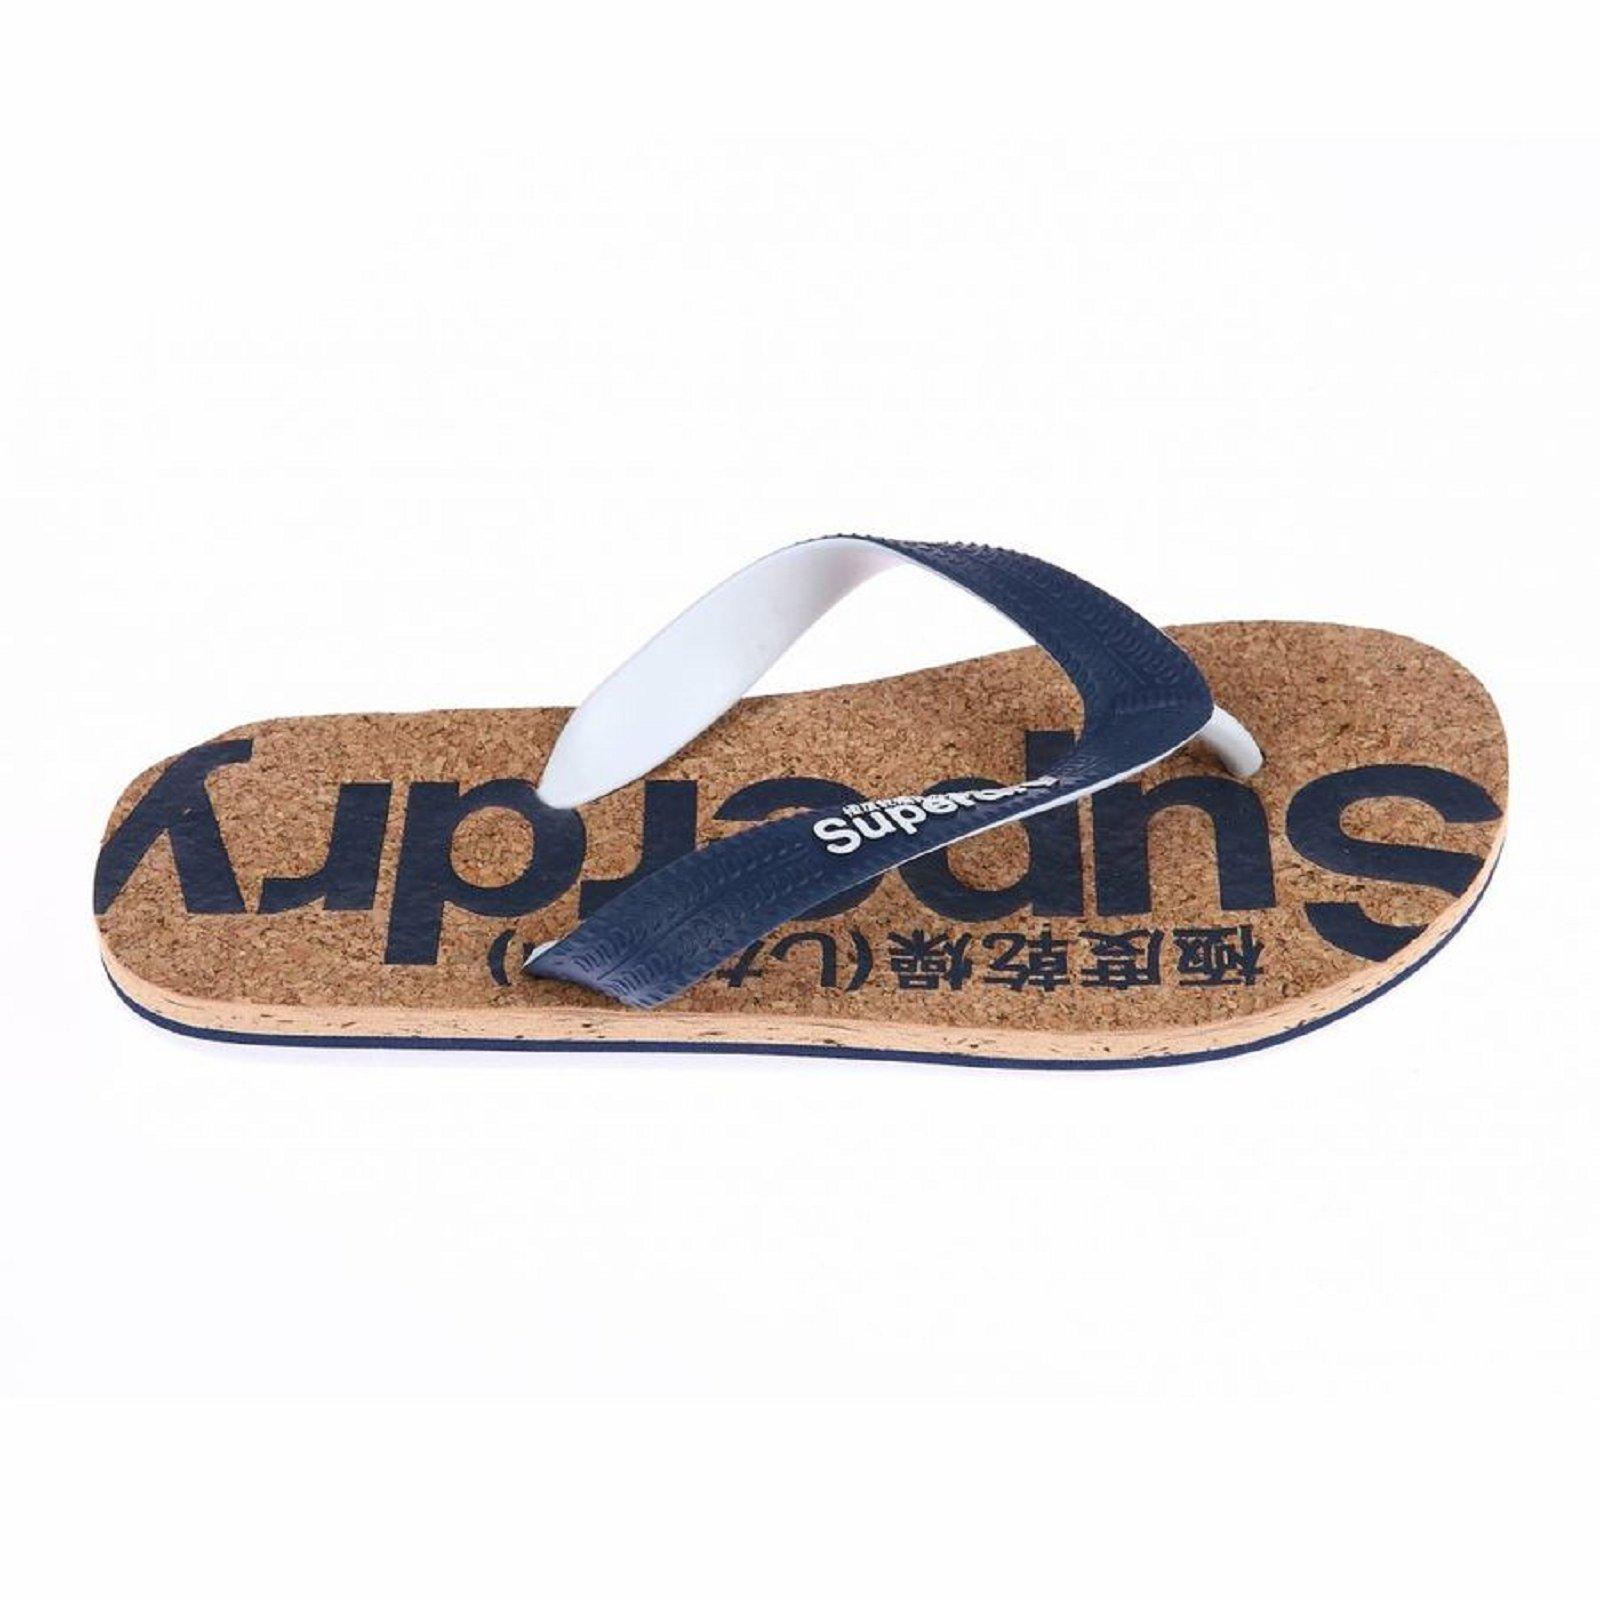 Superdry Tongs en liège Flip Flop marine - MF30202 , Chaussures pour ... 63f5afe194e3